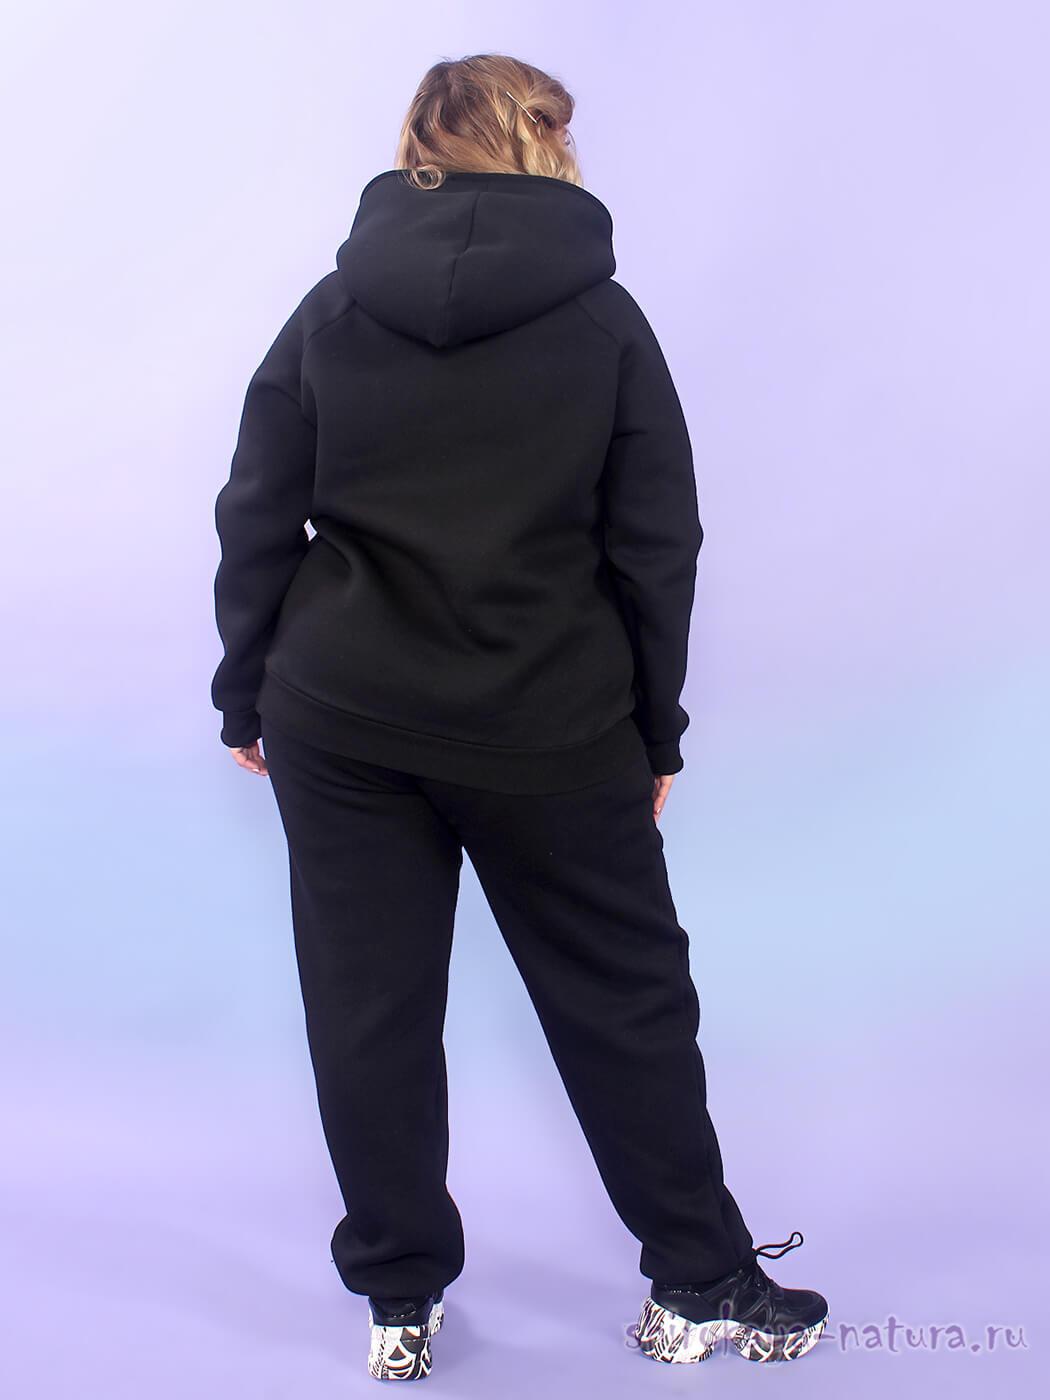 Тёплый костюм из футера с начёсом Кроссовки